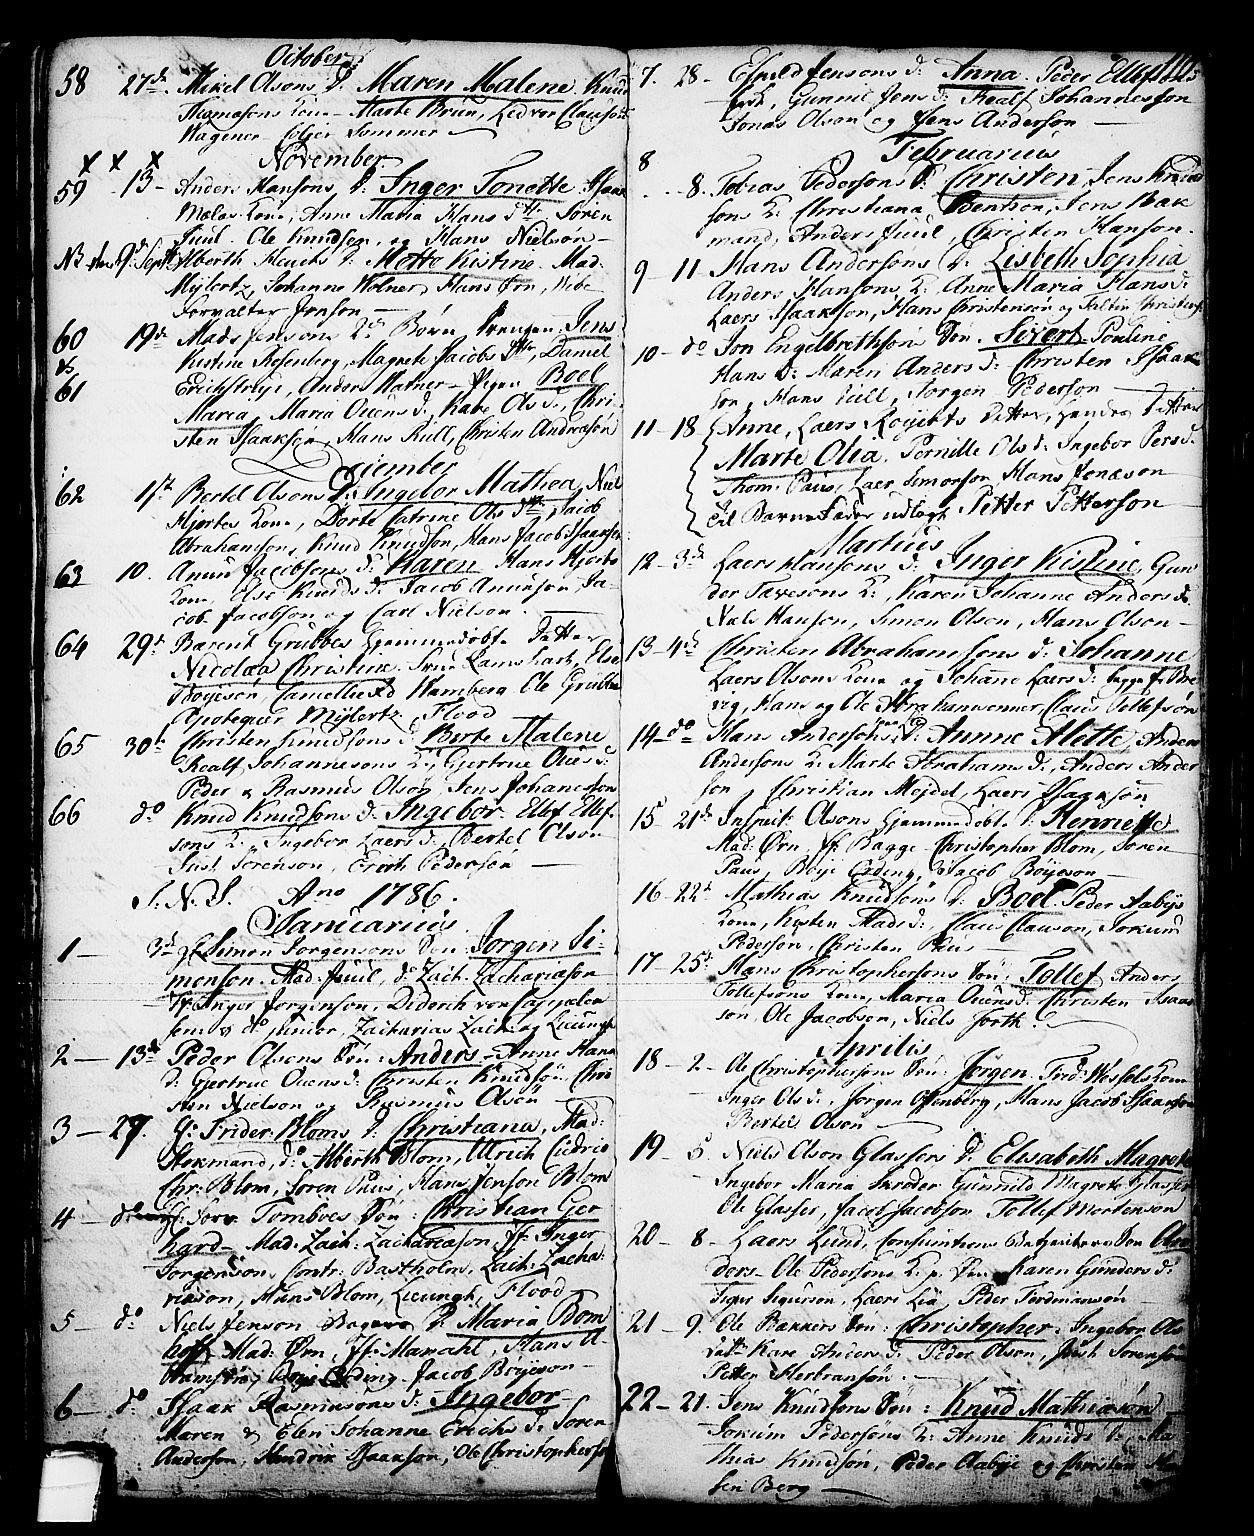 SAKO, Skien kirkebøker, G/Ga/L0001: Klokkerbok nr. 1, 1756-1791, s. 110